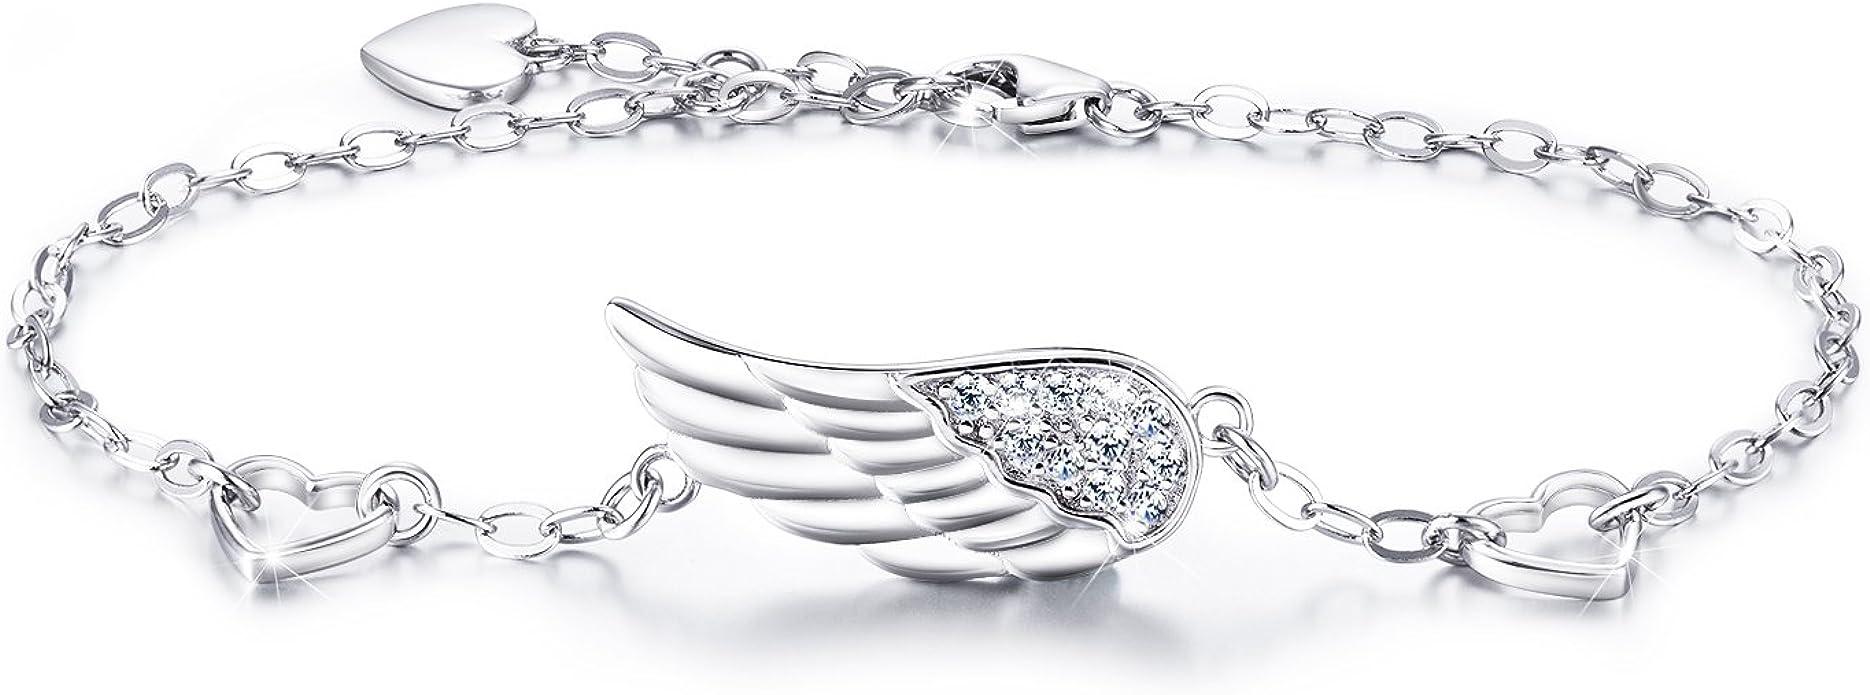 Fully Adjustable Inspirational Link Bracelet Wonderfully Made Silver